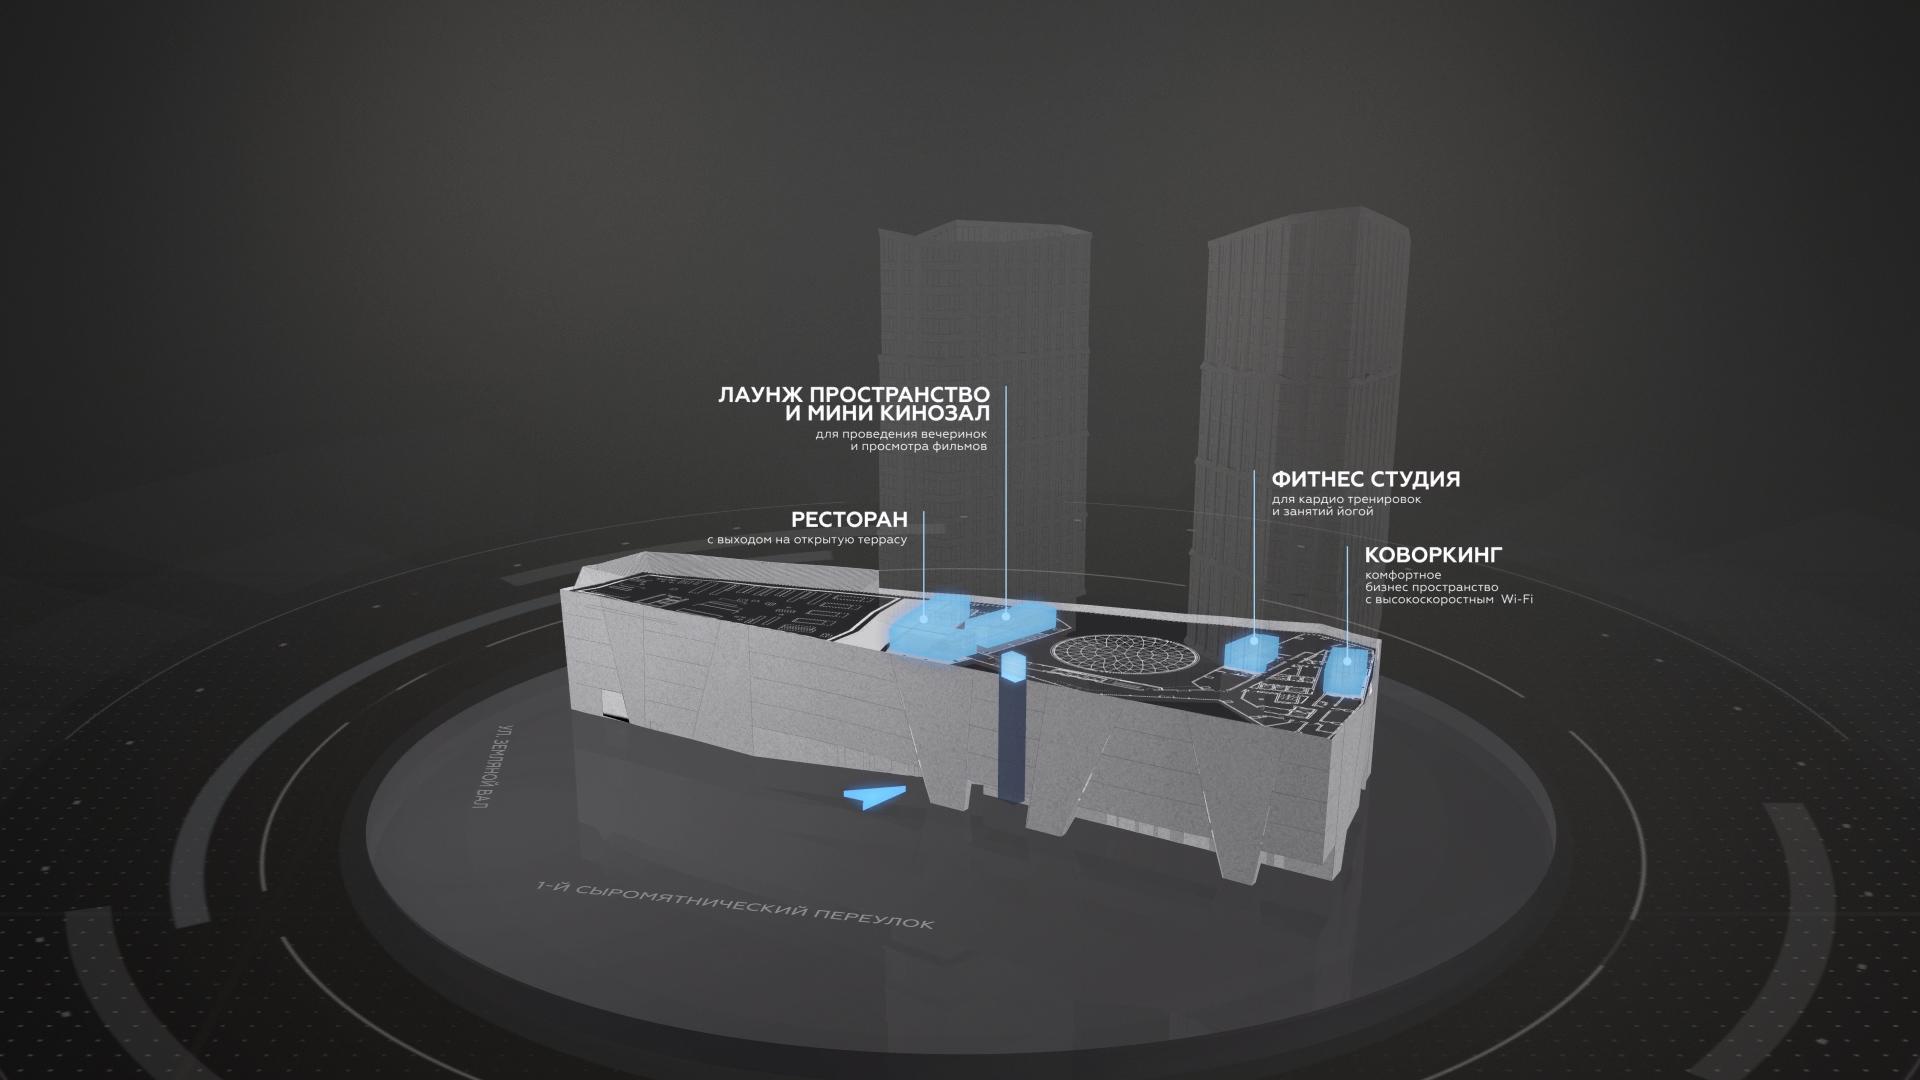 3D инфографика для интерактивной презентации - видео инфографика, анимационные ролики, 3D визуализация, создание видео инфографики